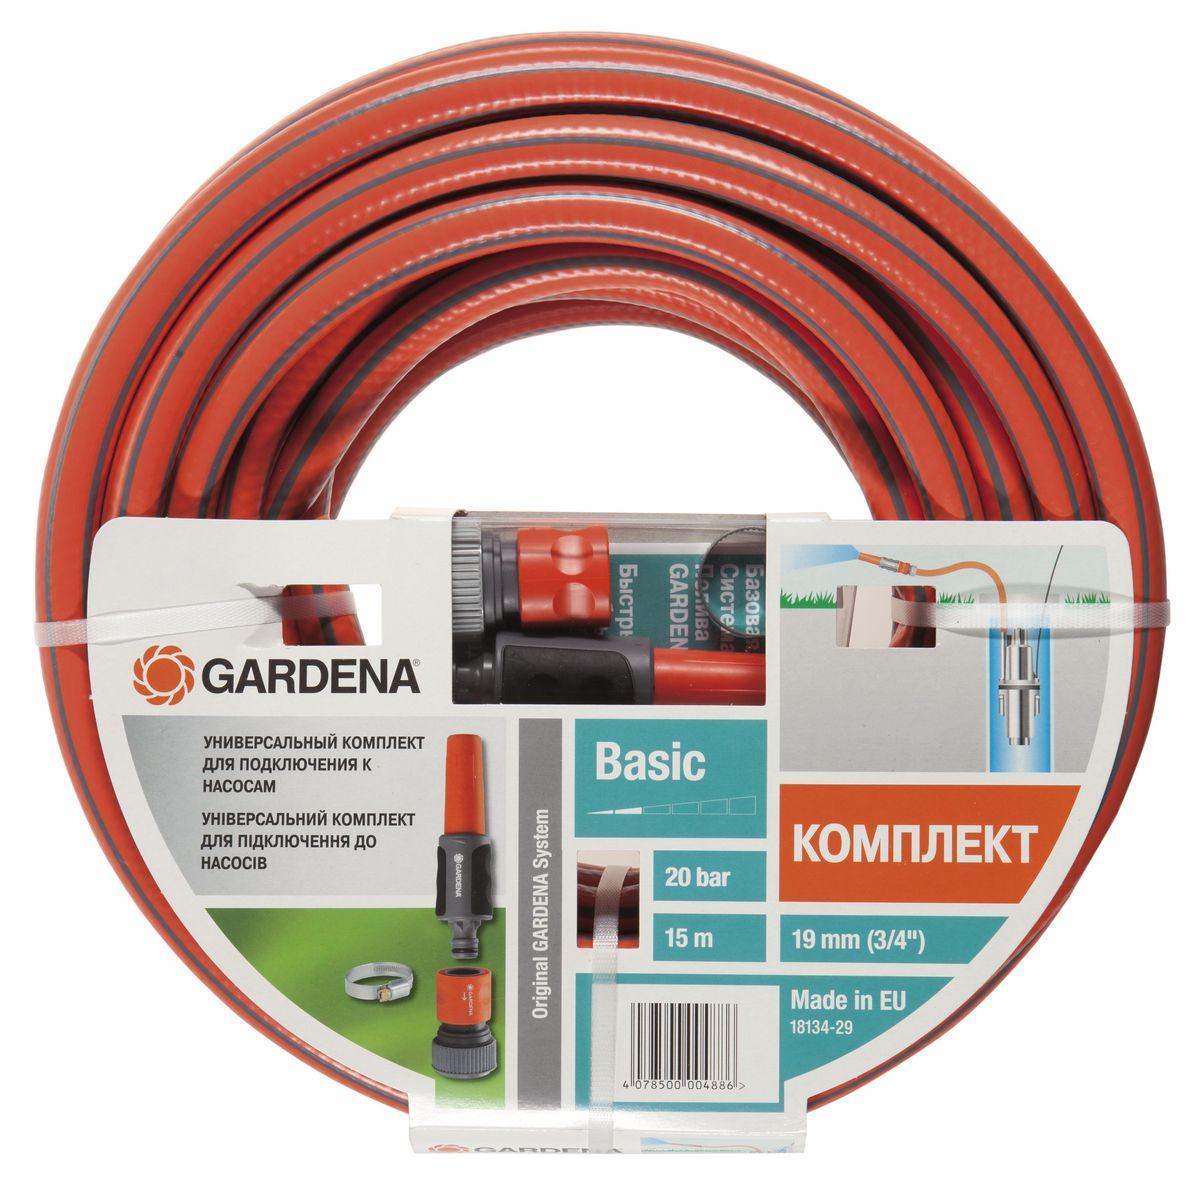 Комплект для подключения к насосу Gardena, универсальный, 4 предмета2.645-256.0Универсальный комплект Gardena предназначен для подключения к насосам. Шланг предназначен для подведения воды к месту полива. Очень прочен и износостоек. Используется для умеренных нагрузок. С помощью шланга появляется возможность создать целую систему водопровода. Для необходимой длины нужное количество шлангов соединяется коннекторами, которые также используются для проектирования нужного угла поворота системы. Шланг устойчив к высокому давлению (до 20 бар), не ломается при сгибании. Яркий цвет не даст потеряться даже в густой высокой траве, и он будет своевременно заметен при обработке газона. Выполнен из высококачественного материала что гарантирует долгий срок эксплуатации шланга.Коннектор предназначен для подсоединения наконечника для полива к шлангу. Благодаря накладкам на поверхности из мягкого рифленого пластика, коннектор очень удобно снимать и одевать даже сырыми руками во время проведения работ. Для снятия коннектора со шланга достаточно потянуть на себя за накладки.Наконечник Classic используется со шлангами для полива и орошения. Приспособление выполнено из пластика, который отличается мягкой структурой для максимального удобства при использовании. Еще одна особенность - это возможность регулирования струи воды от обычной до бережного распыления, что позволяет подобрать уход под конкретные цели.Хомут используется для крепления шланга к выходному патрубку насоса.В комплект входят:- шланг Standard - 15 м;- хомут;- коннектор стандартный;- наконечник для полива Classic.Диаметр шланга: 3/4. Длина шланга: 15 м.Диаметр коннектора: 3/4.